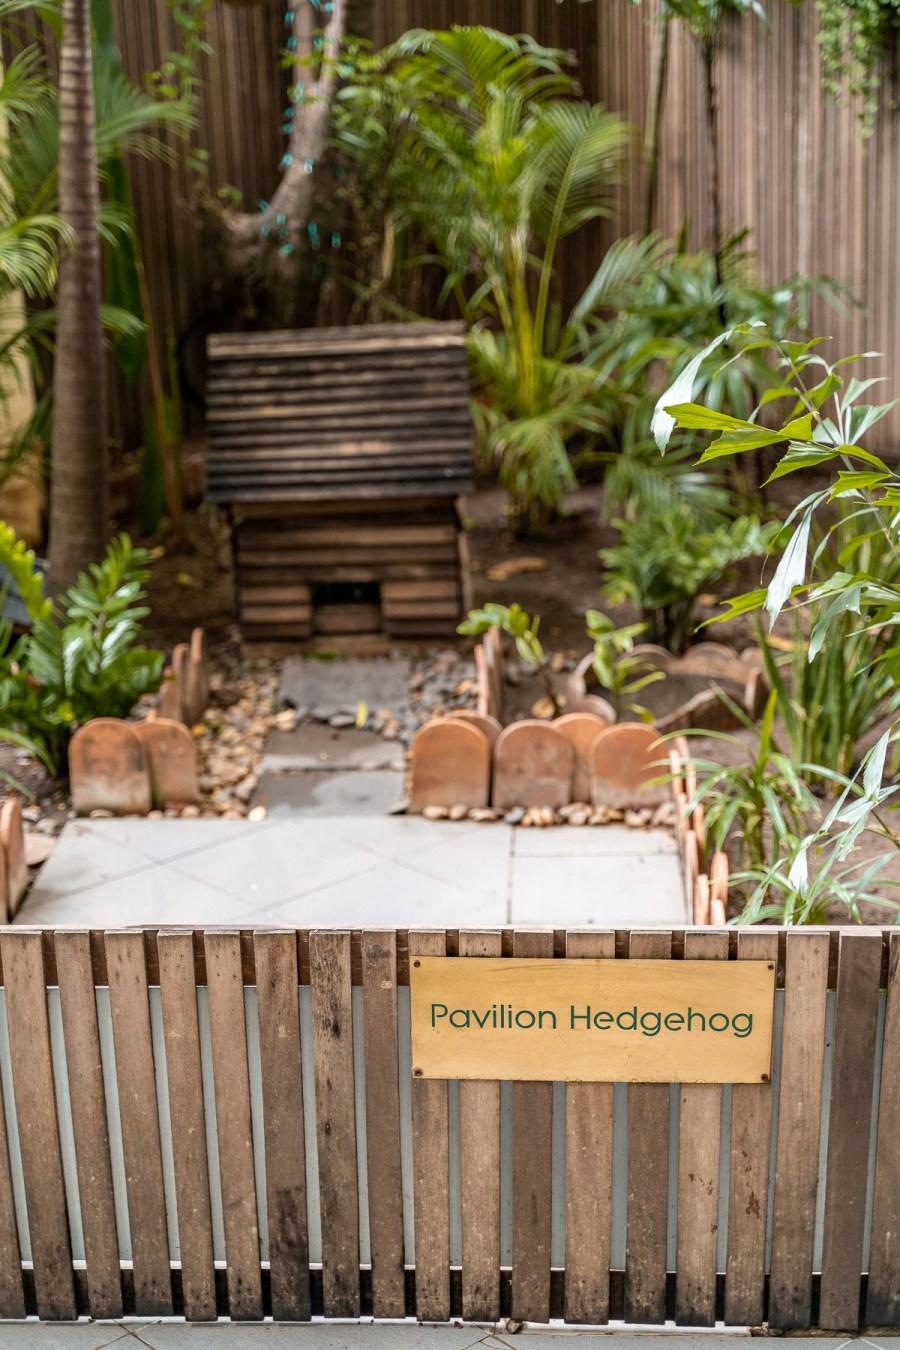 Hedgehog garden at Pavilion Phnom Penh